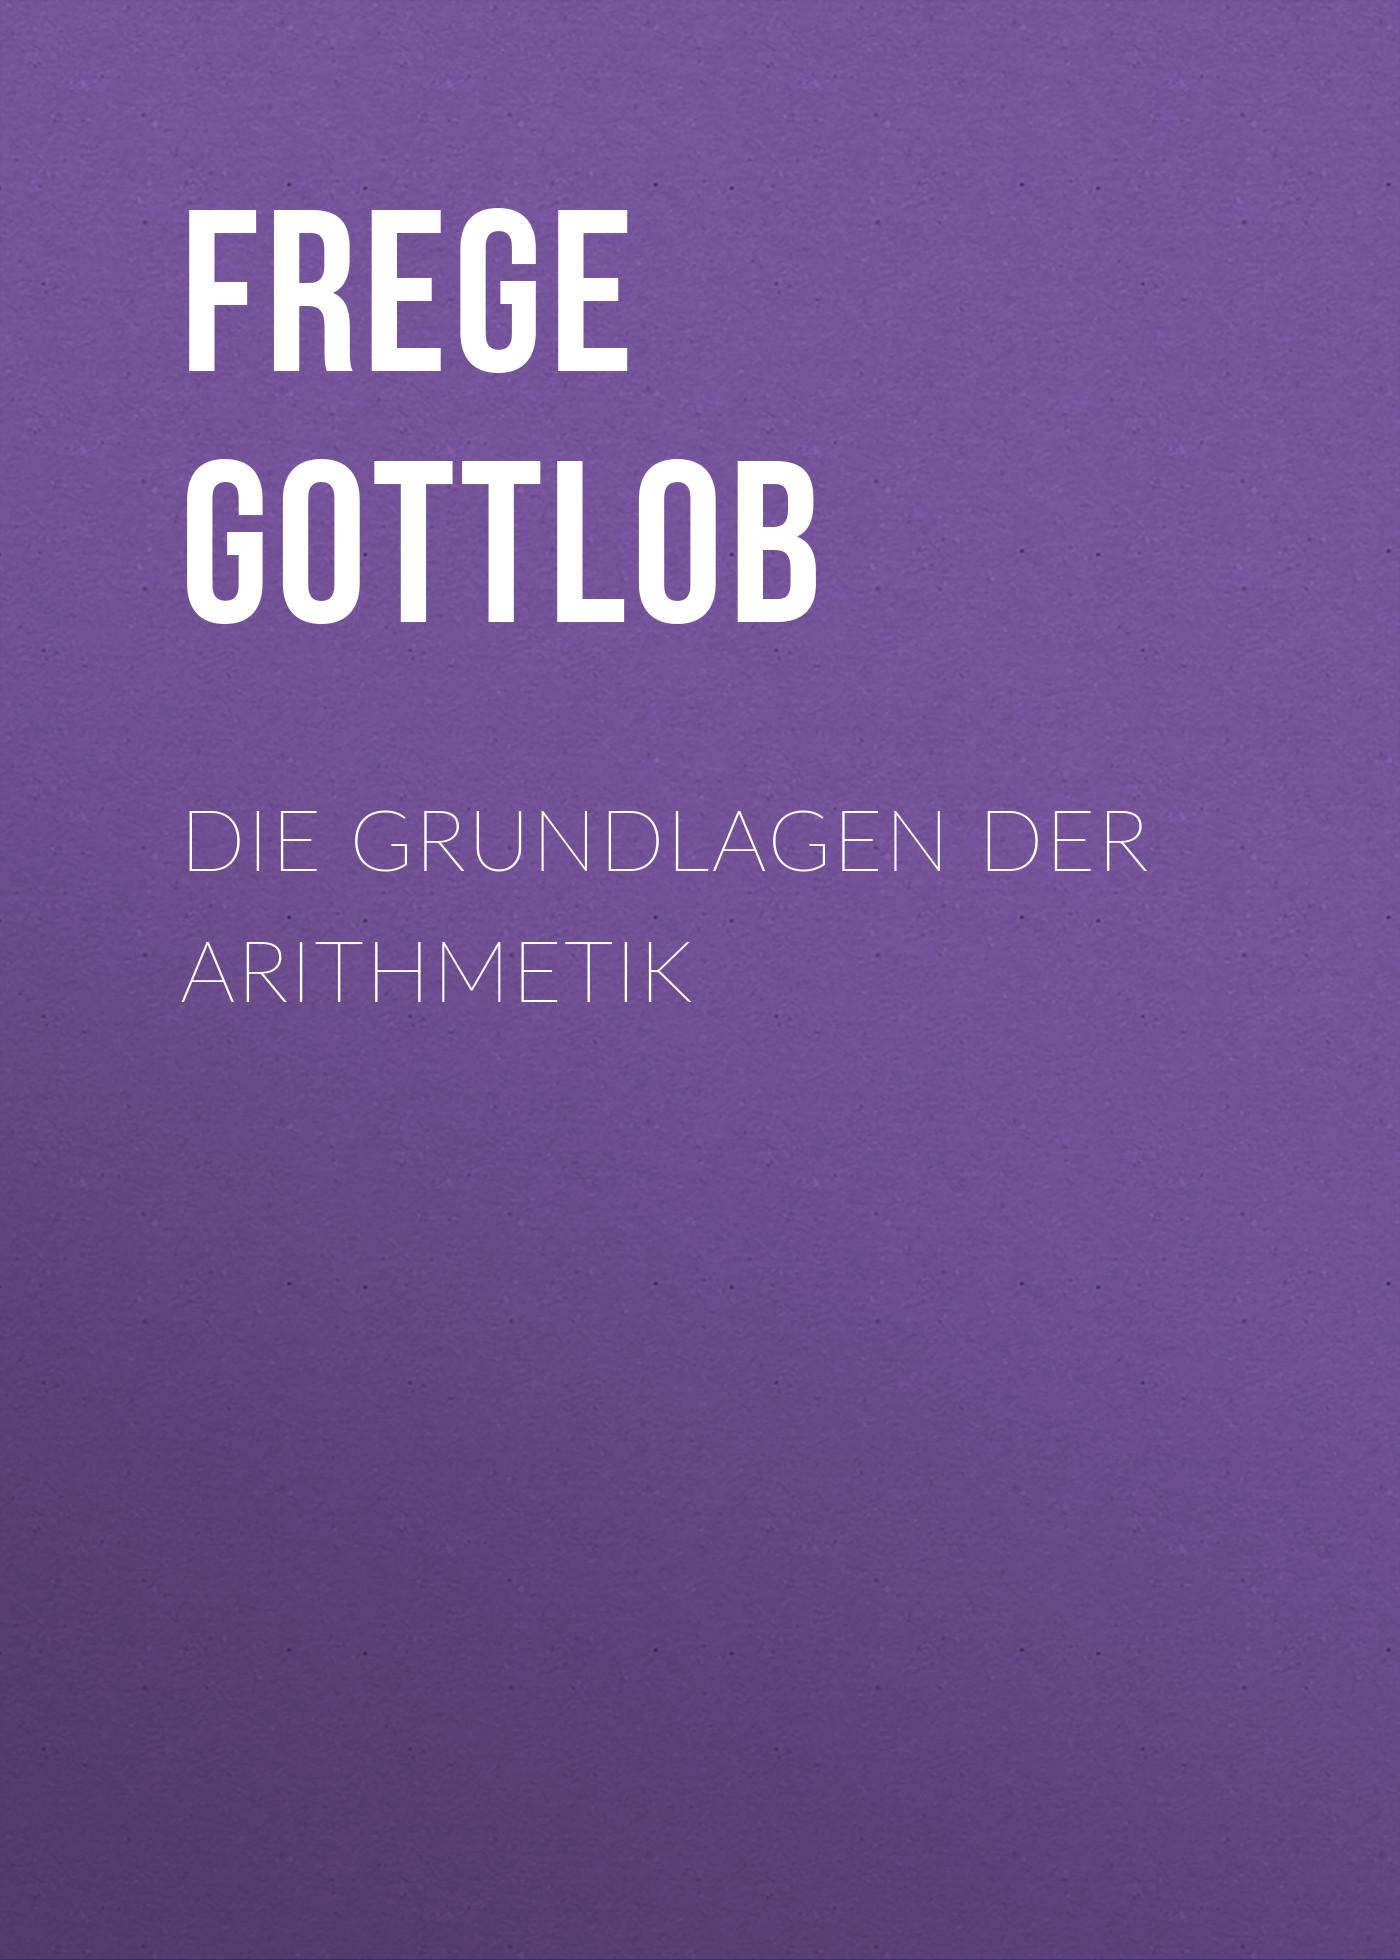 Frege Gottlob Die Grundlagen der Arithmetik сапоги quelle der spur 1013540